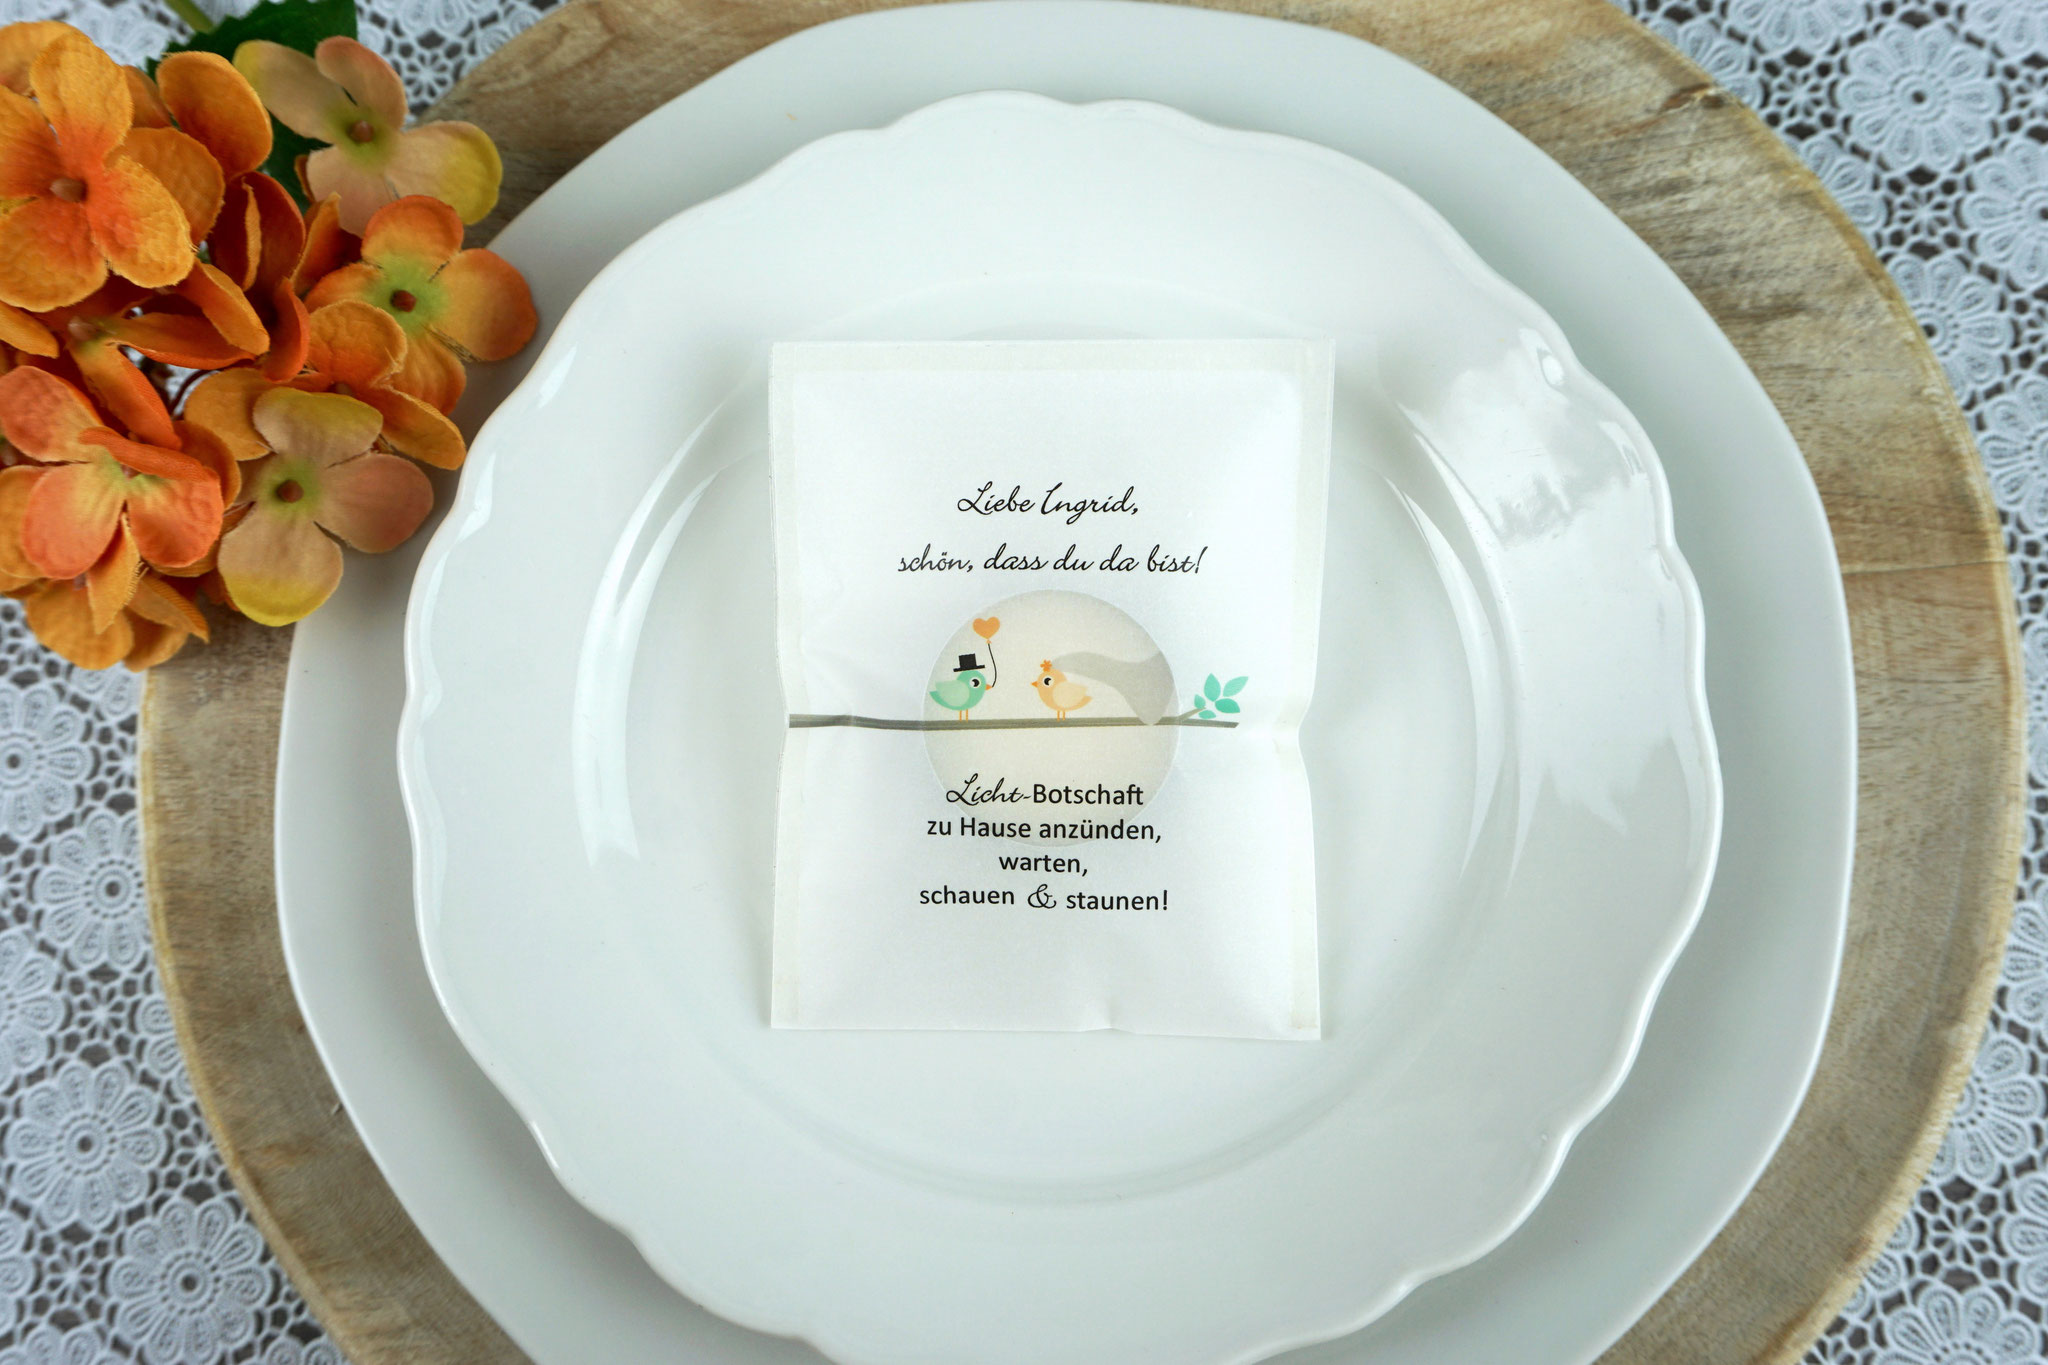 """Licht-Botschaft Design """"Hochzeitsvögel auf Ast"""", Farbe Apricot/Mint, """"Verpackung als Platzkarte"""""""